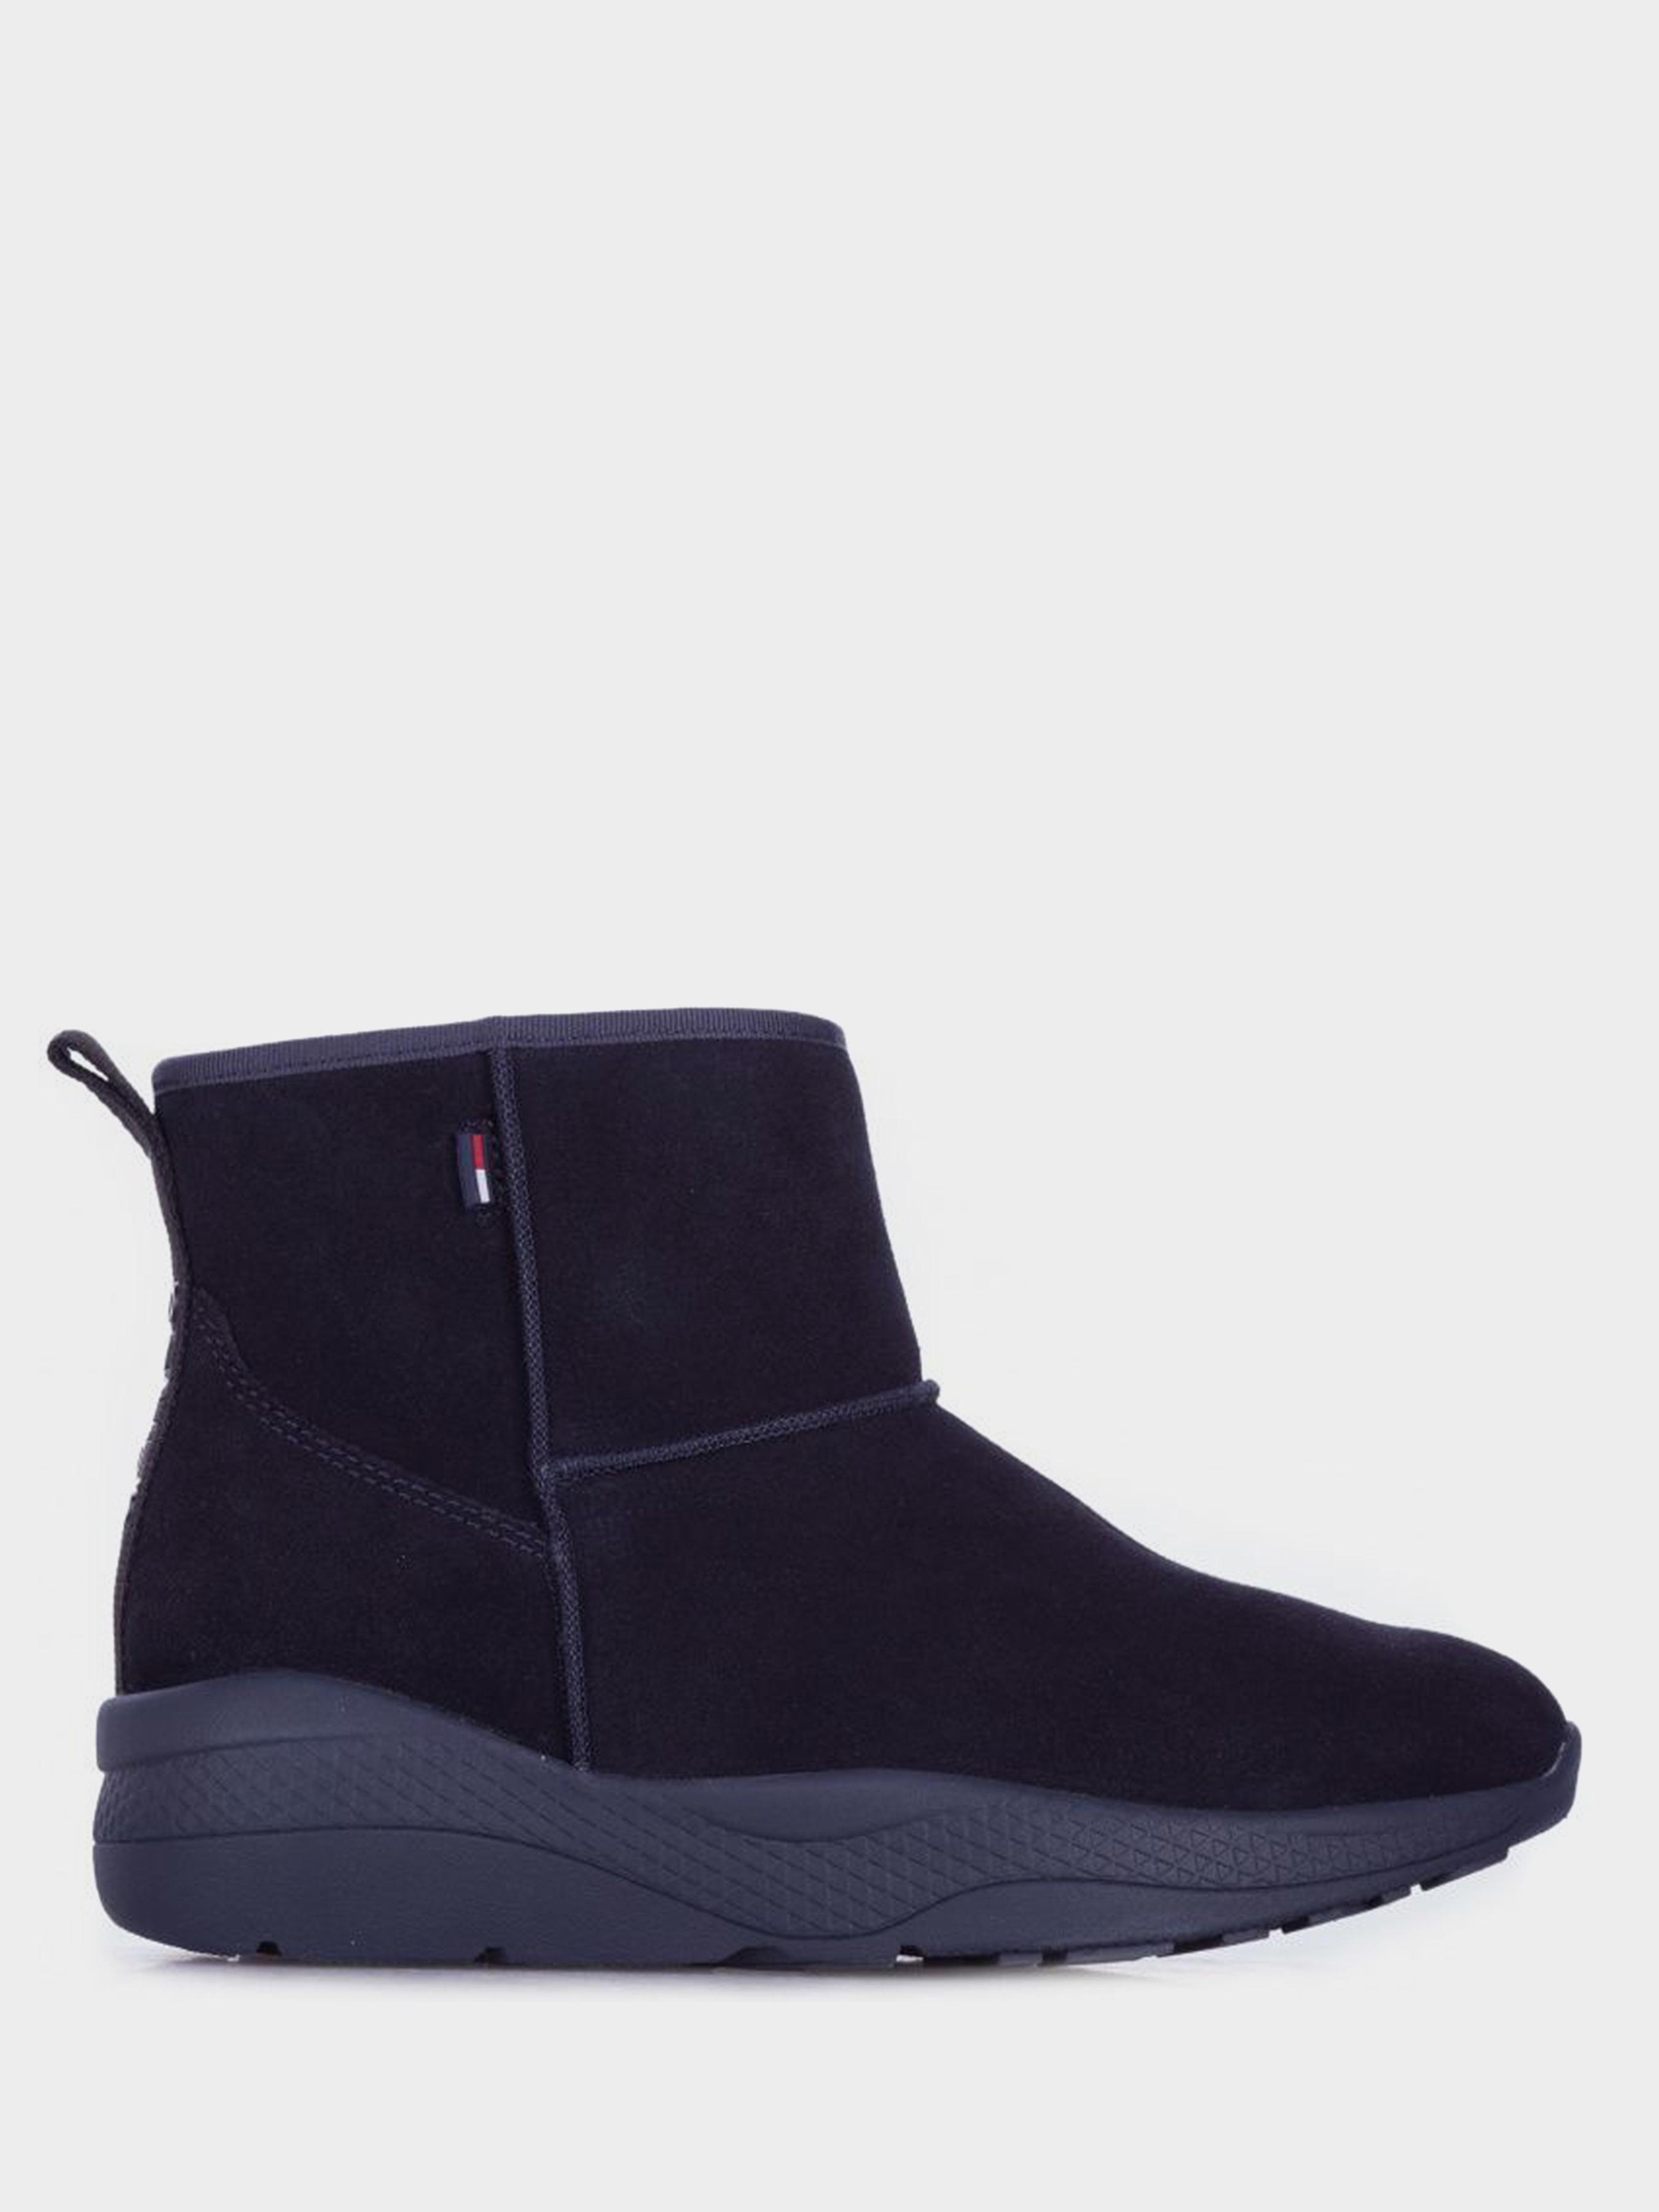 Ботинки женские Tommy Hilfiger TD1156 стоимость, 2017